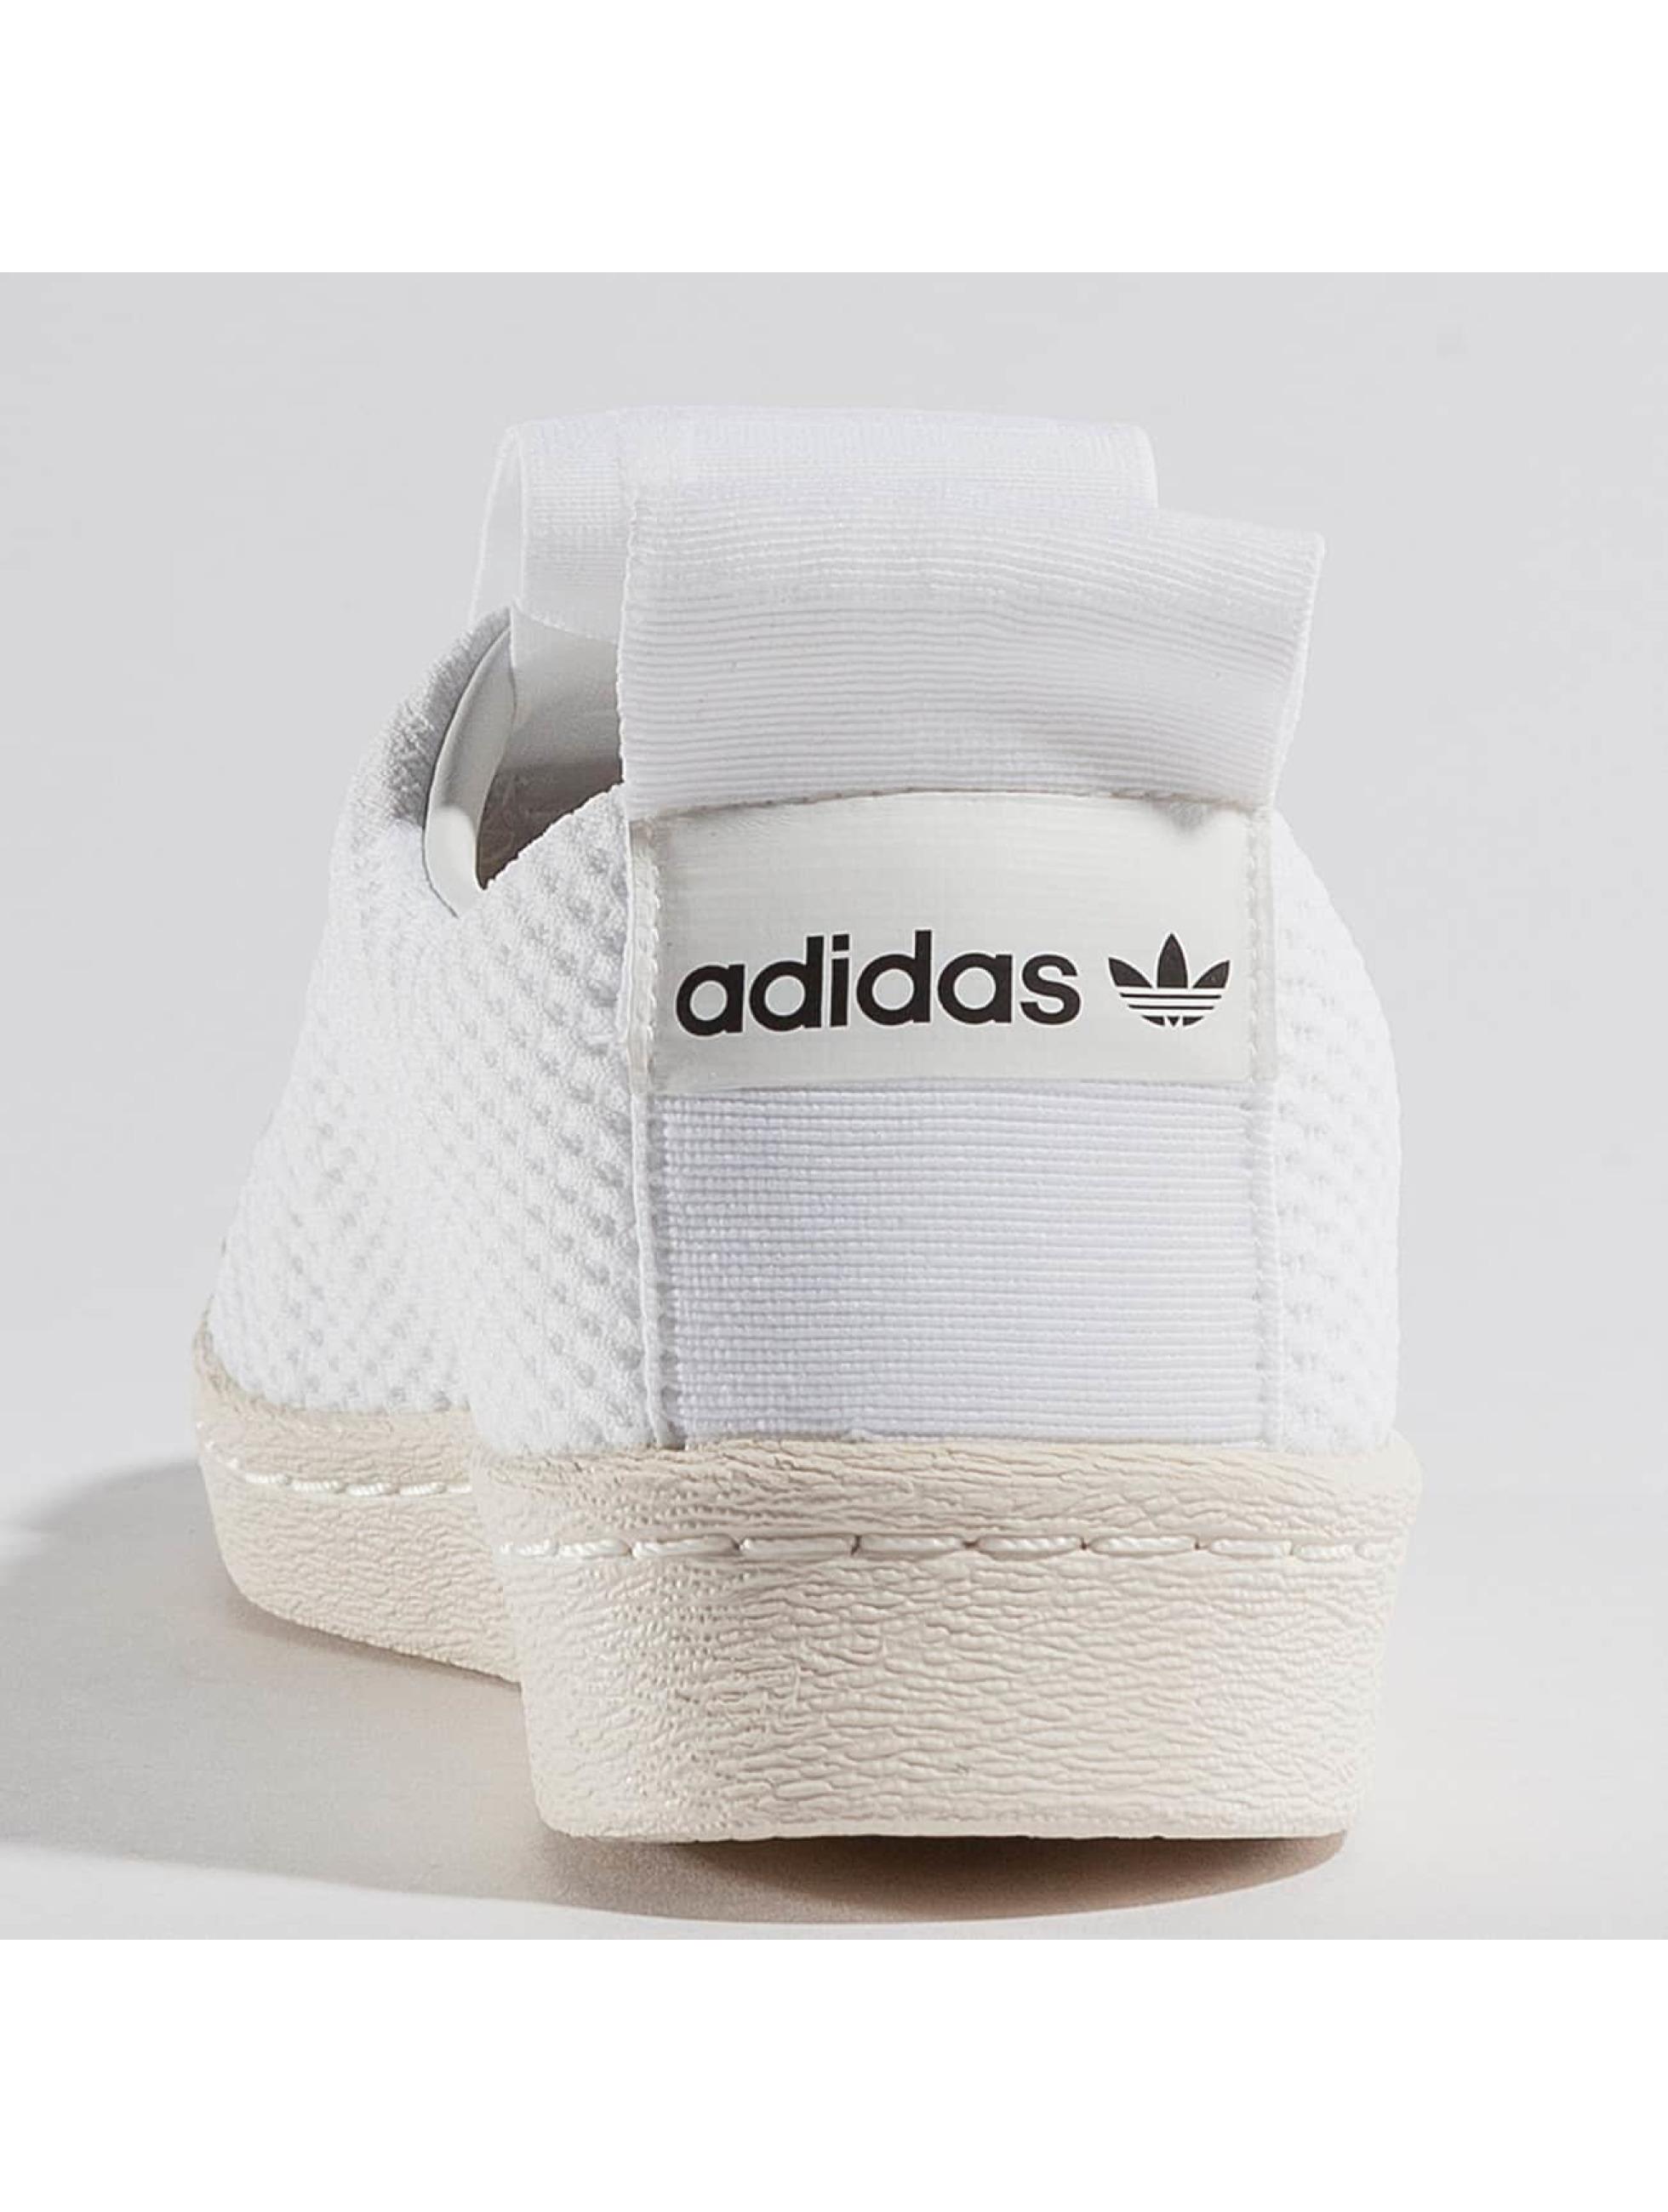 adidas originals Baskets Superstar BW35 S blanc